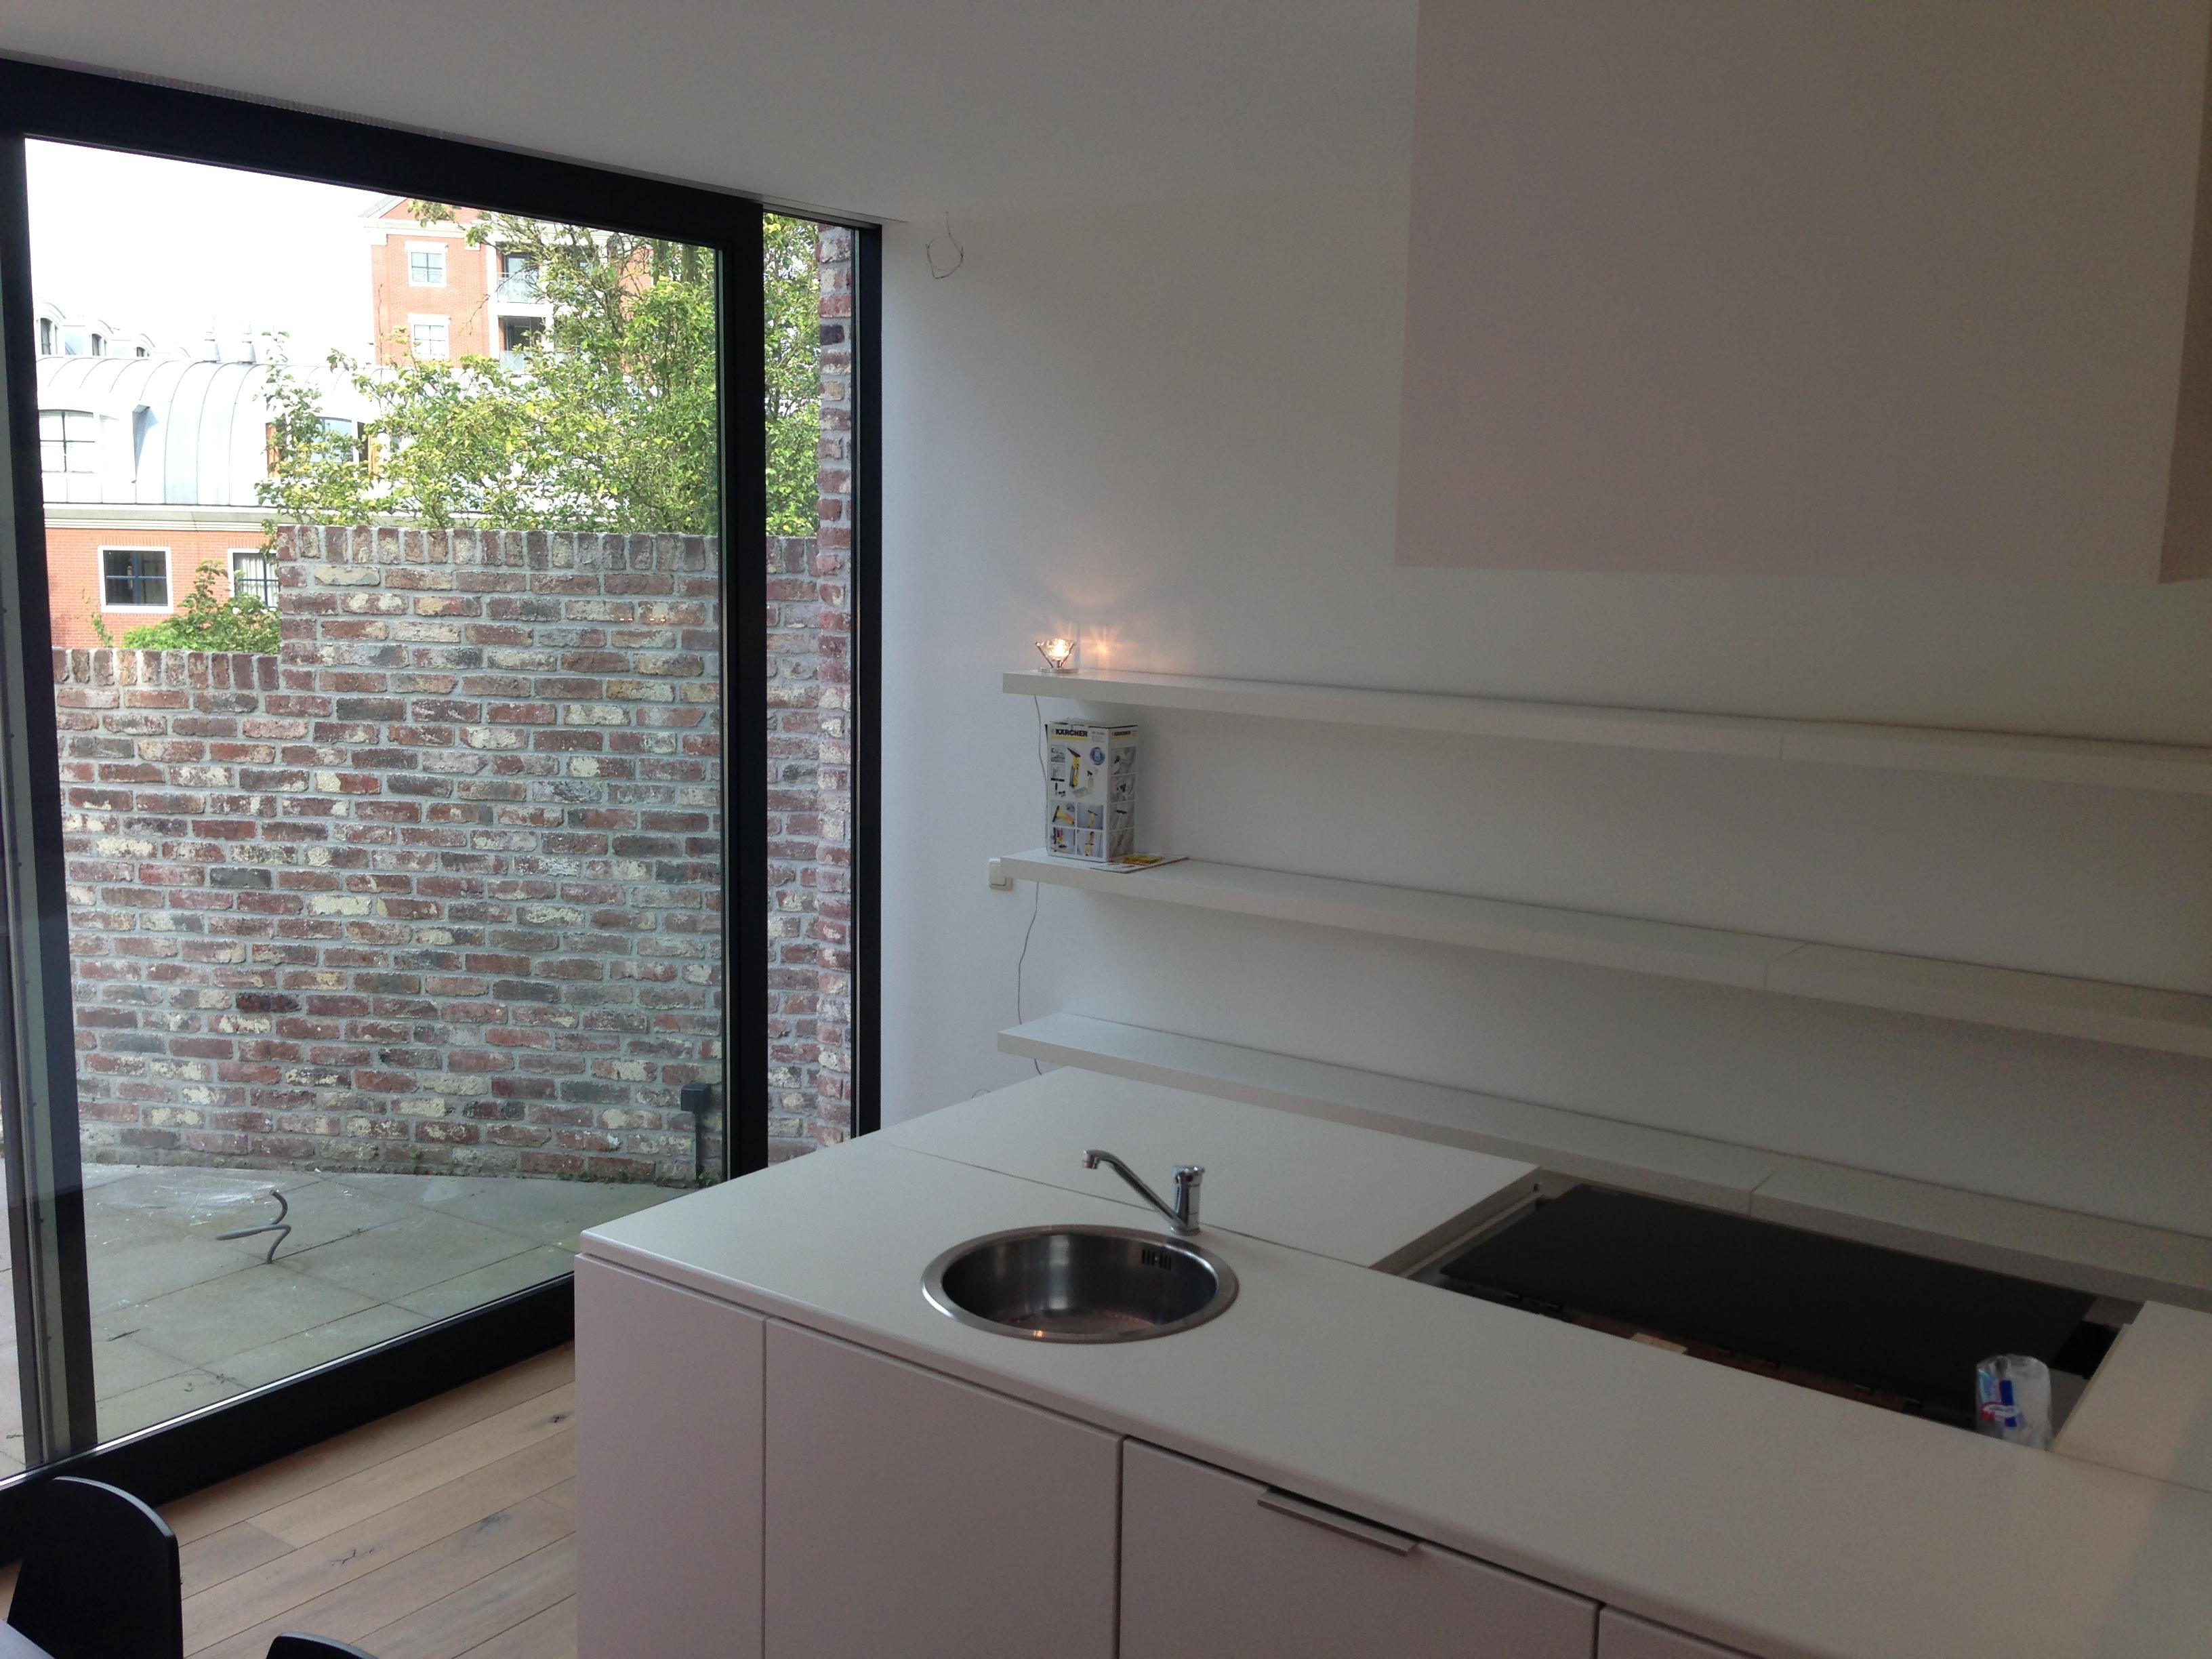 Keuken Renovatie Limburg : nieuwe keuken keuken klaar nieuwe keuken